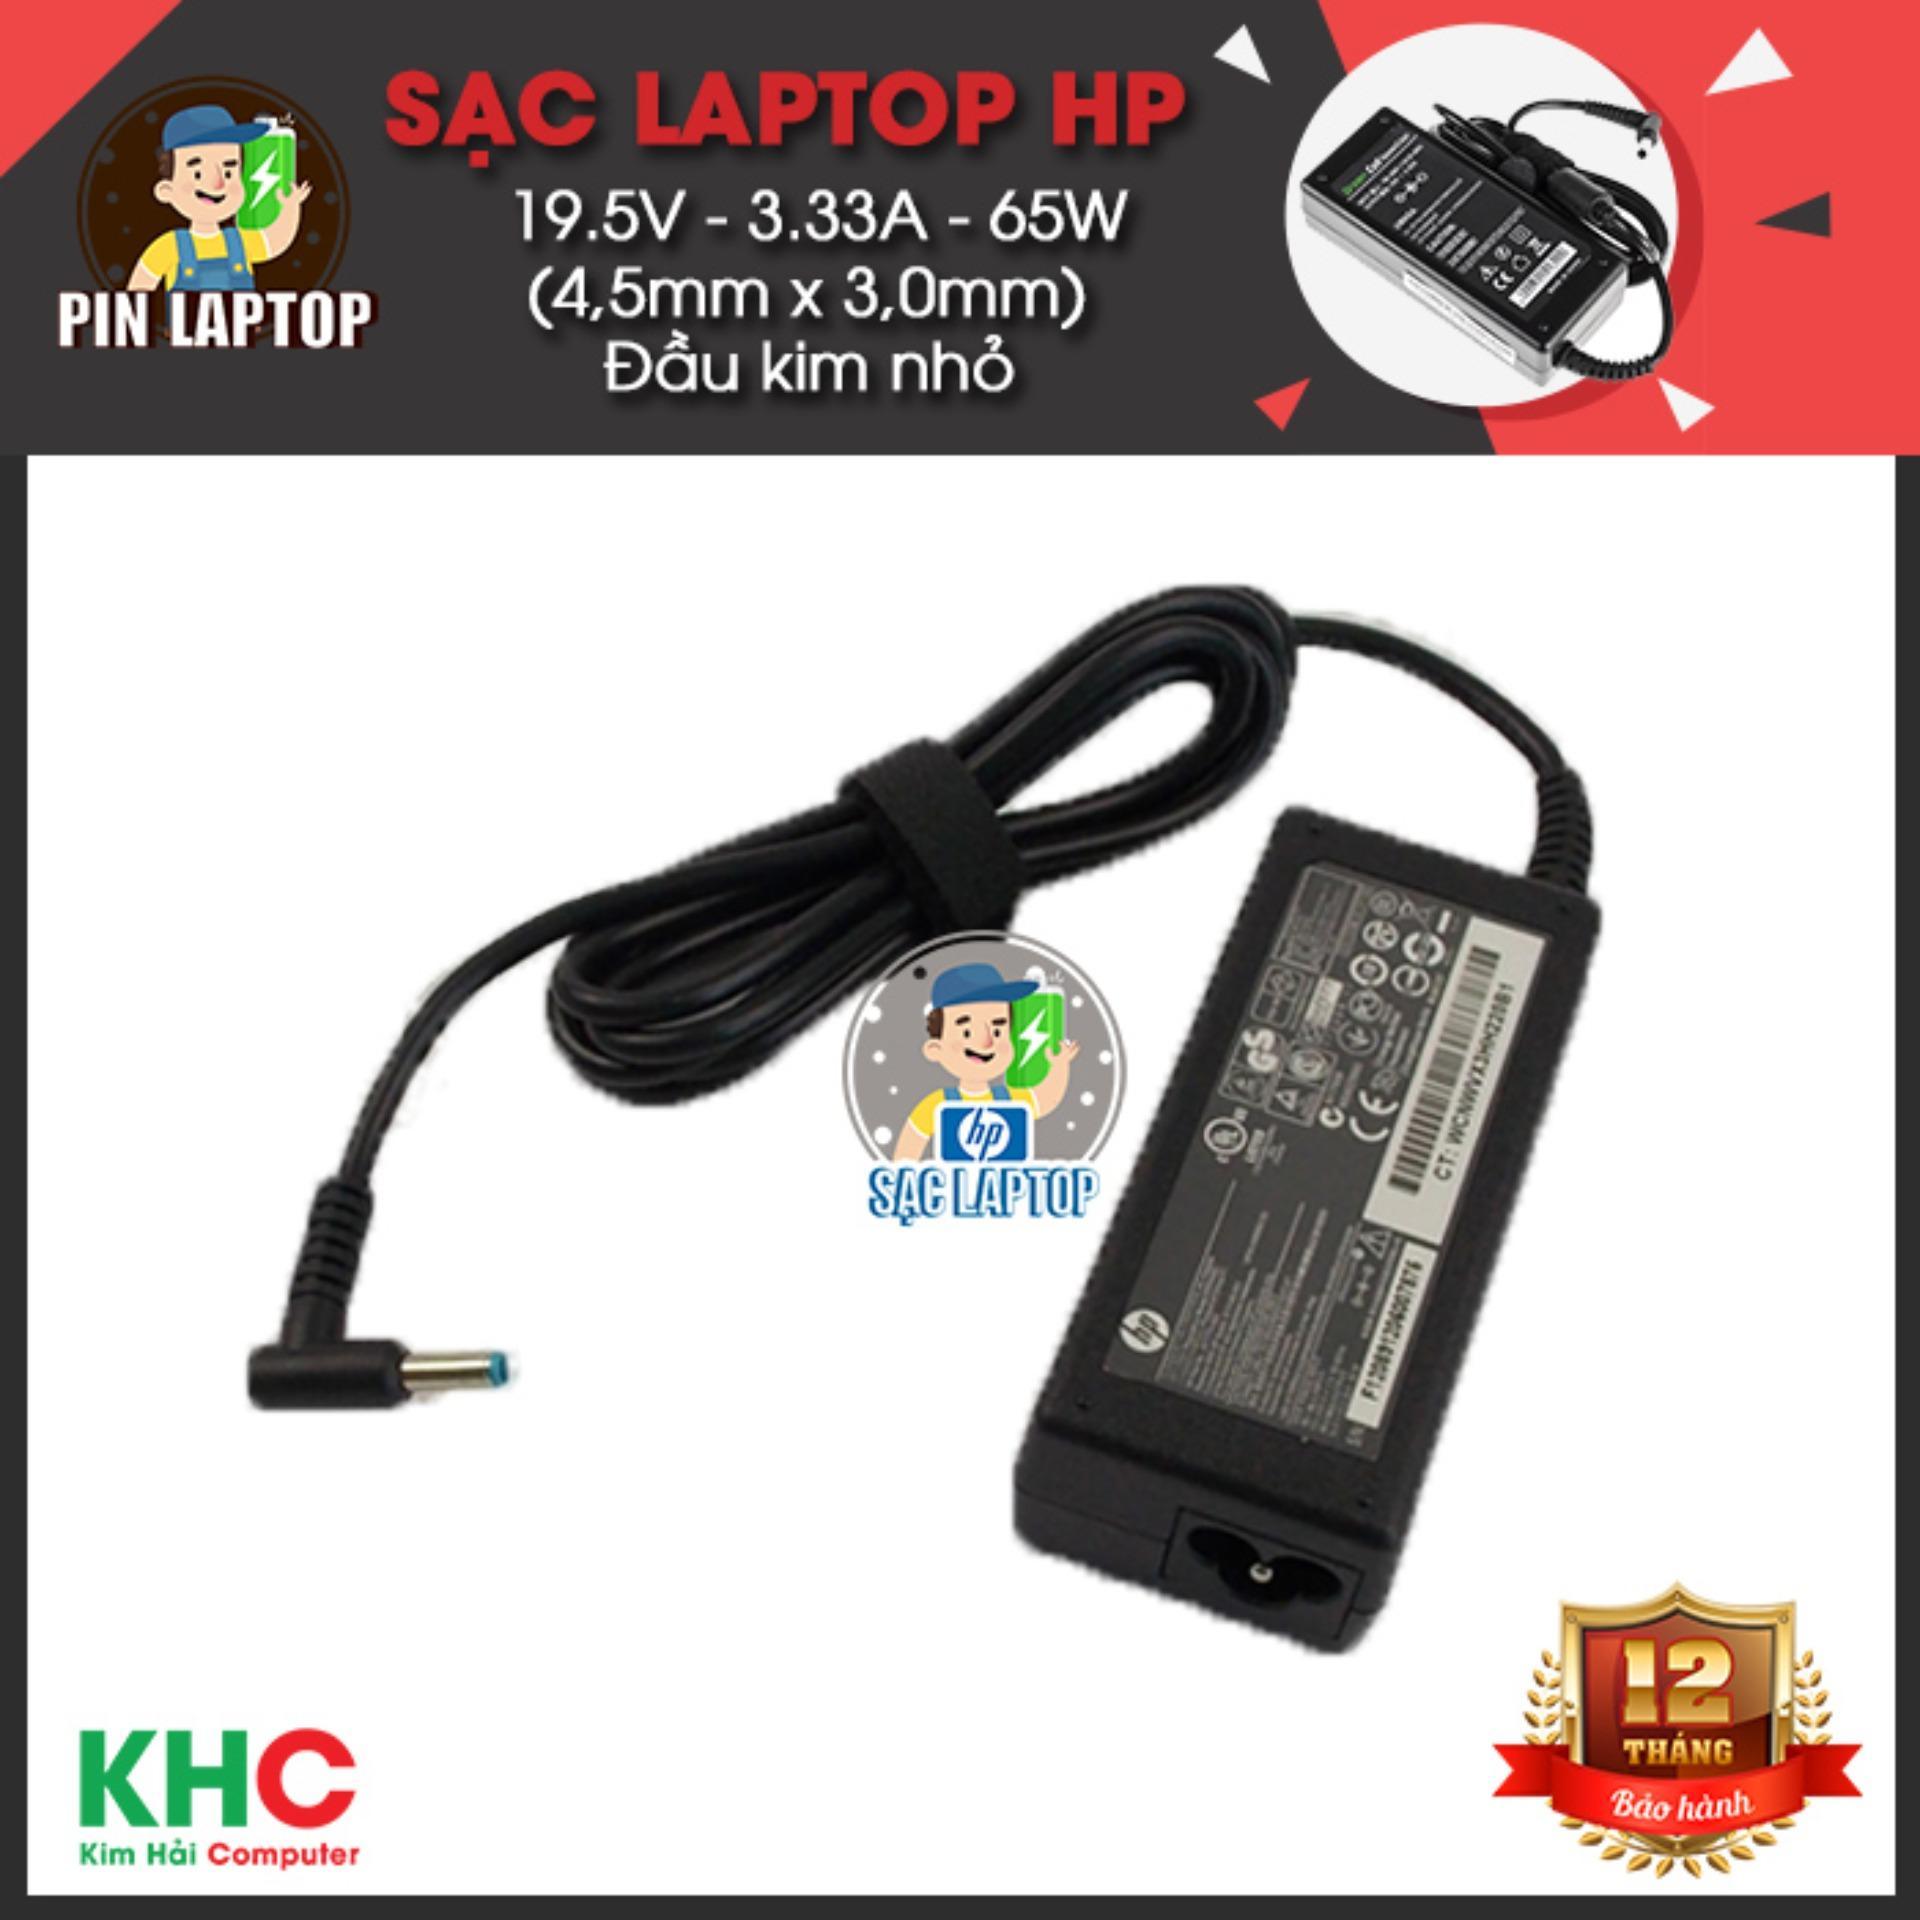 Giá Bán Sạc Laptop Hp 19 5V 3 33A 65W 4 5Mm X 3 0Mm Đầu Kim Nhỏ Eom Hồ Chí Minh